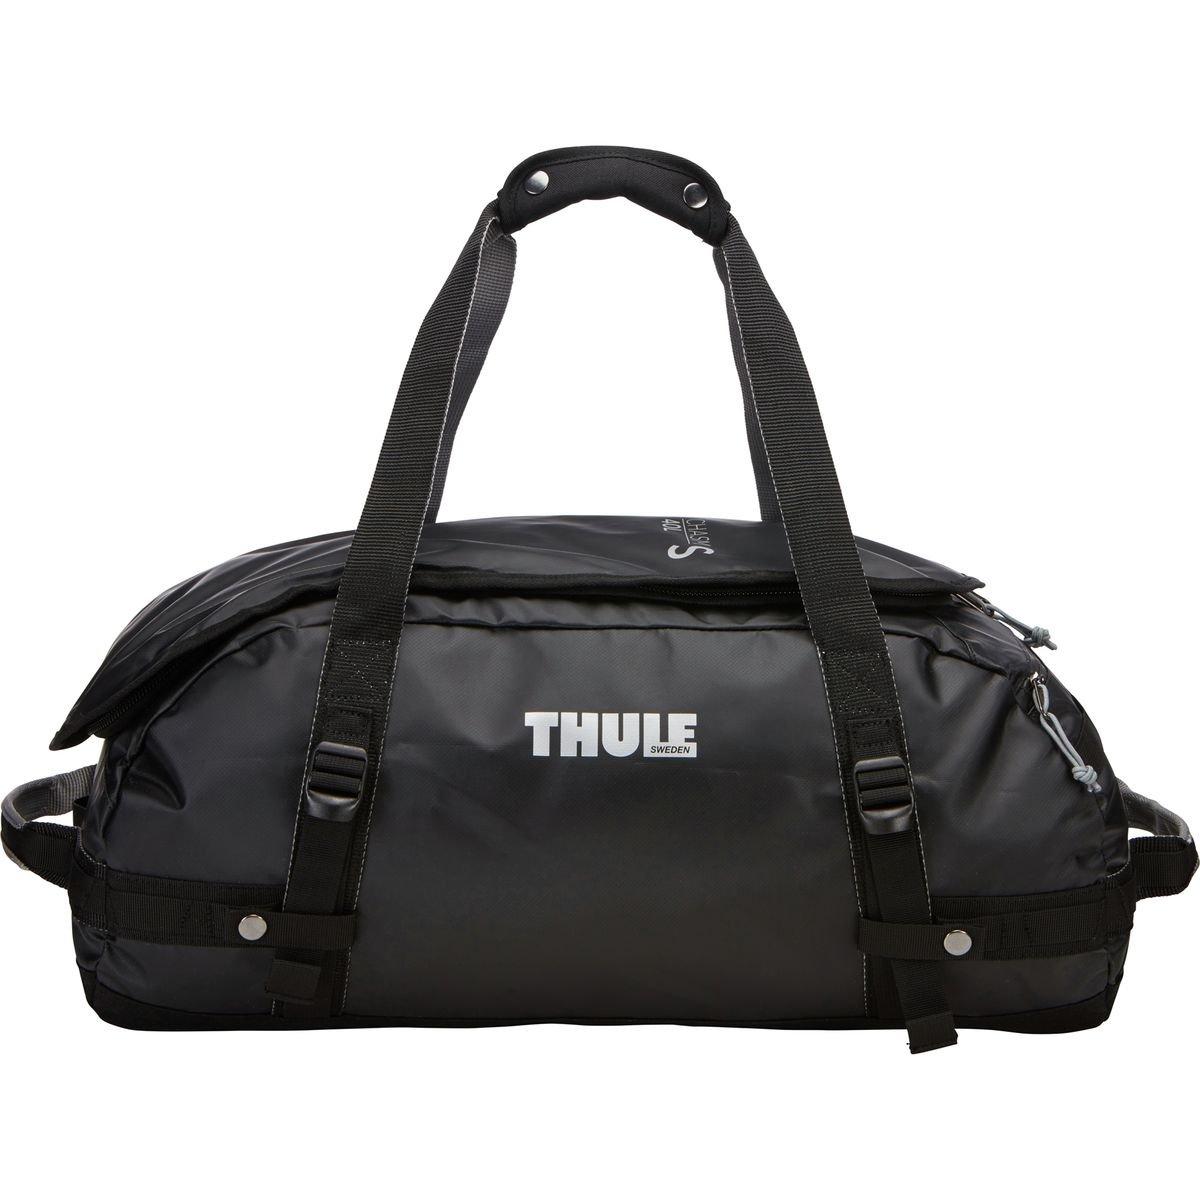 [スリー Thule] メンズ バッグ ボストンバッグ Chasm 40-130L Duffel [並行輸入品] XL-130L  B07FN99JZR